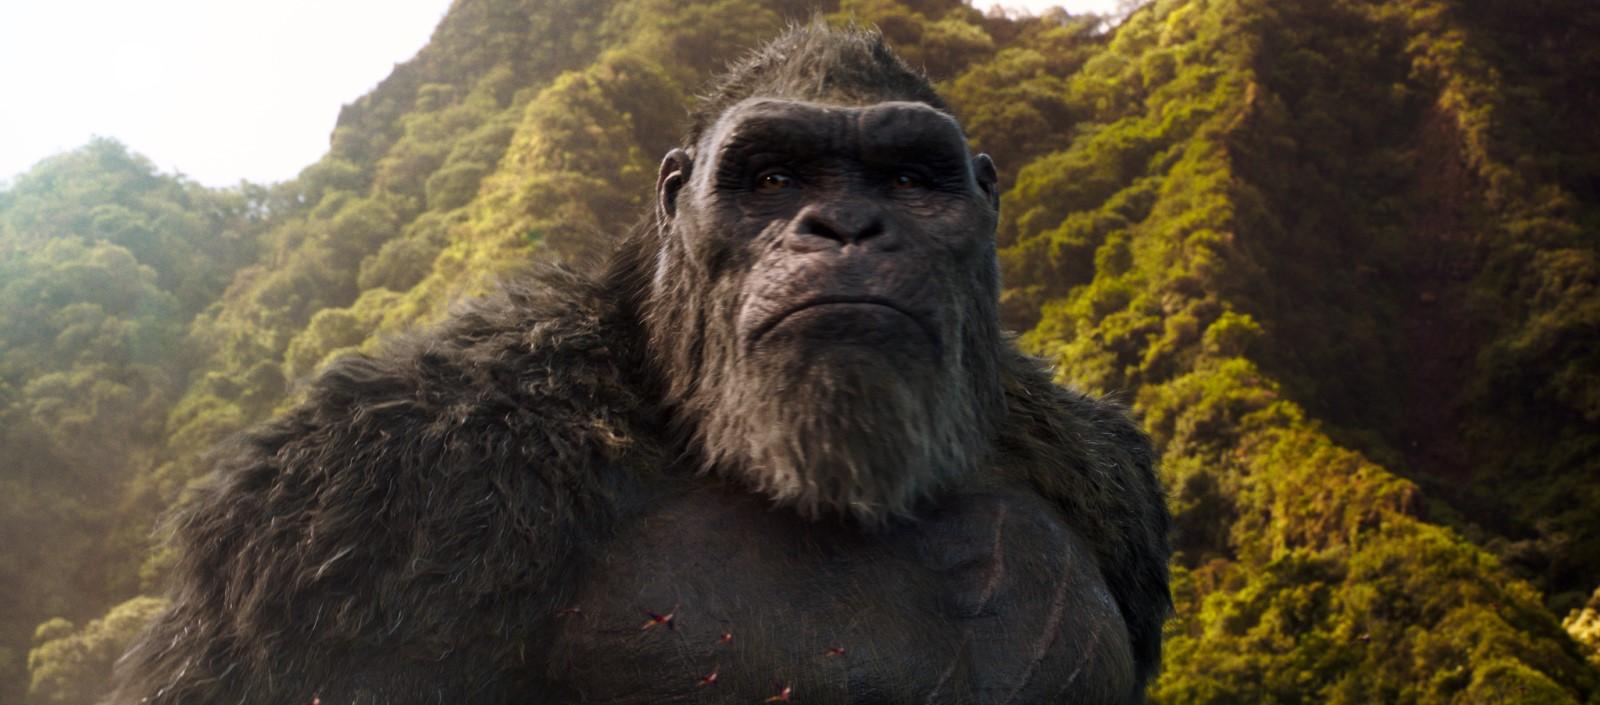 Cena do filme Godzilla vs Kong. A imagem é retangular e no centro dela há o Kong, mostrando apenas o seu busto, seu corpo está levemente virado e ele olha para frente. Atrás dele há montanhas cheias de árvores